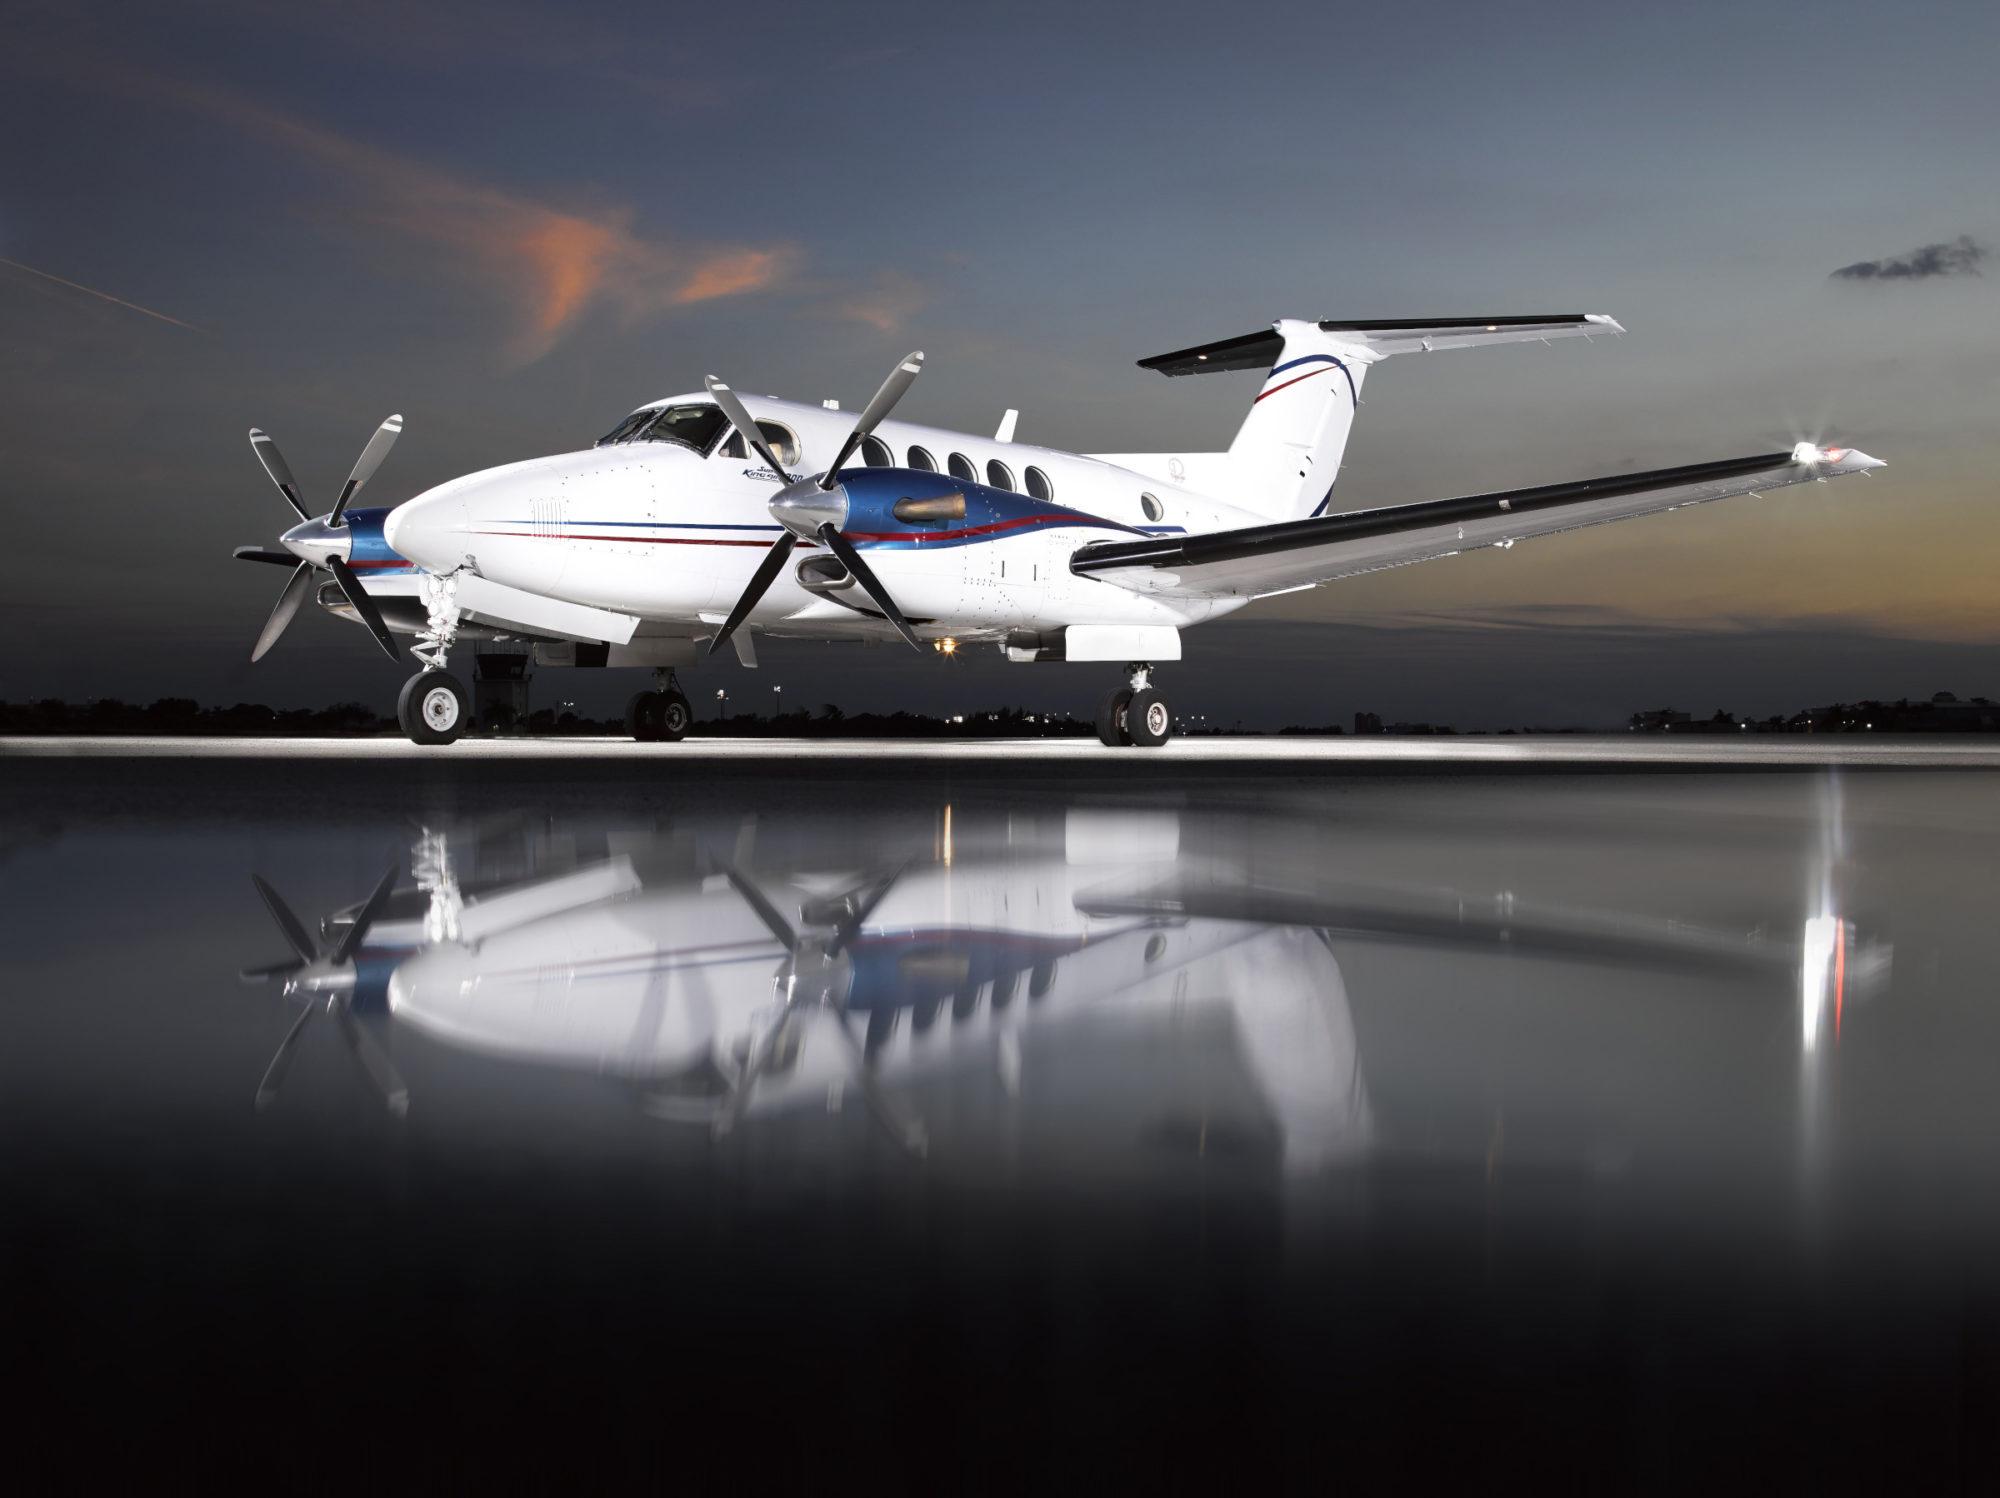 Privaira Private Aviation Company